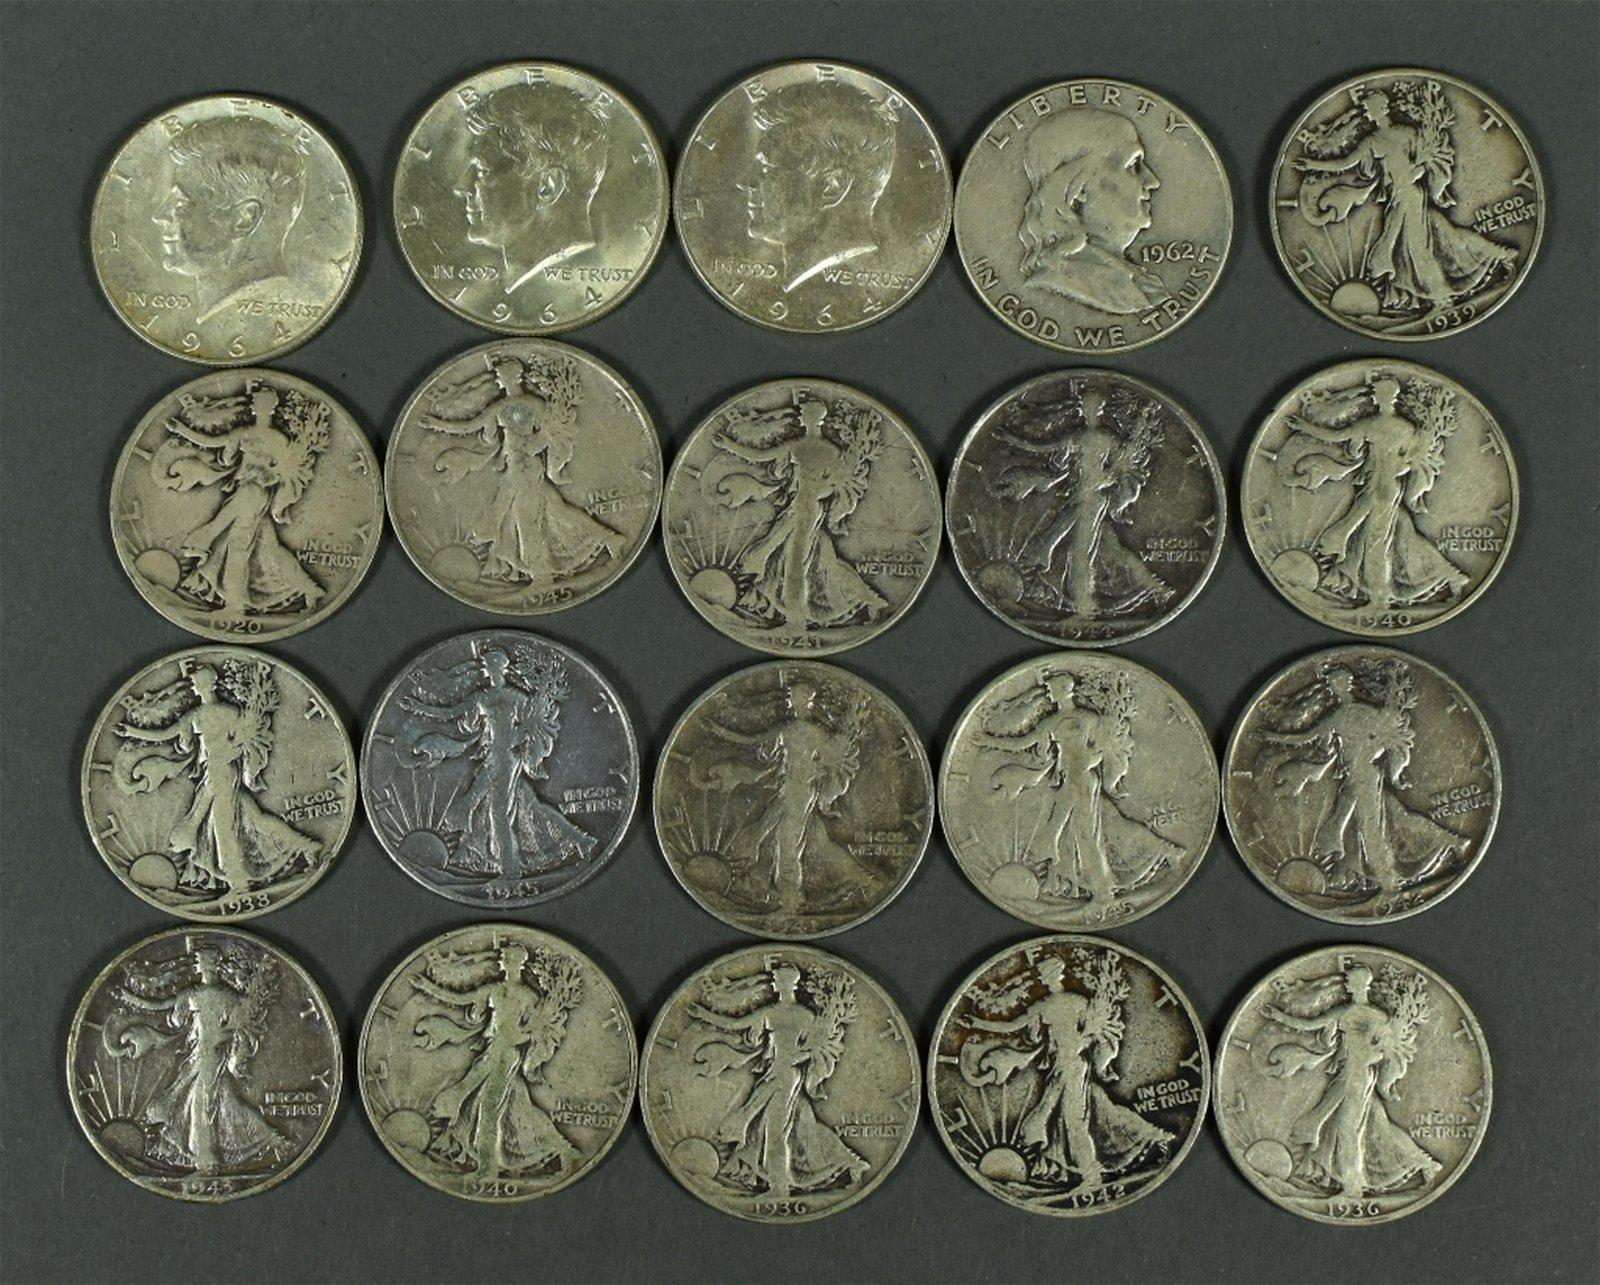 90% Silver Half Dollar Lot